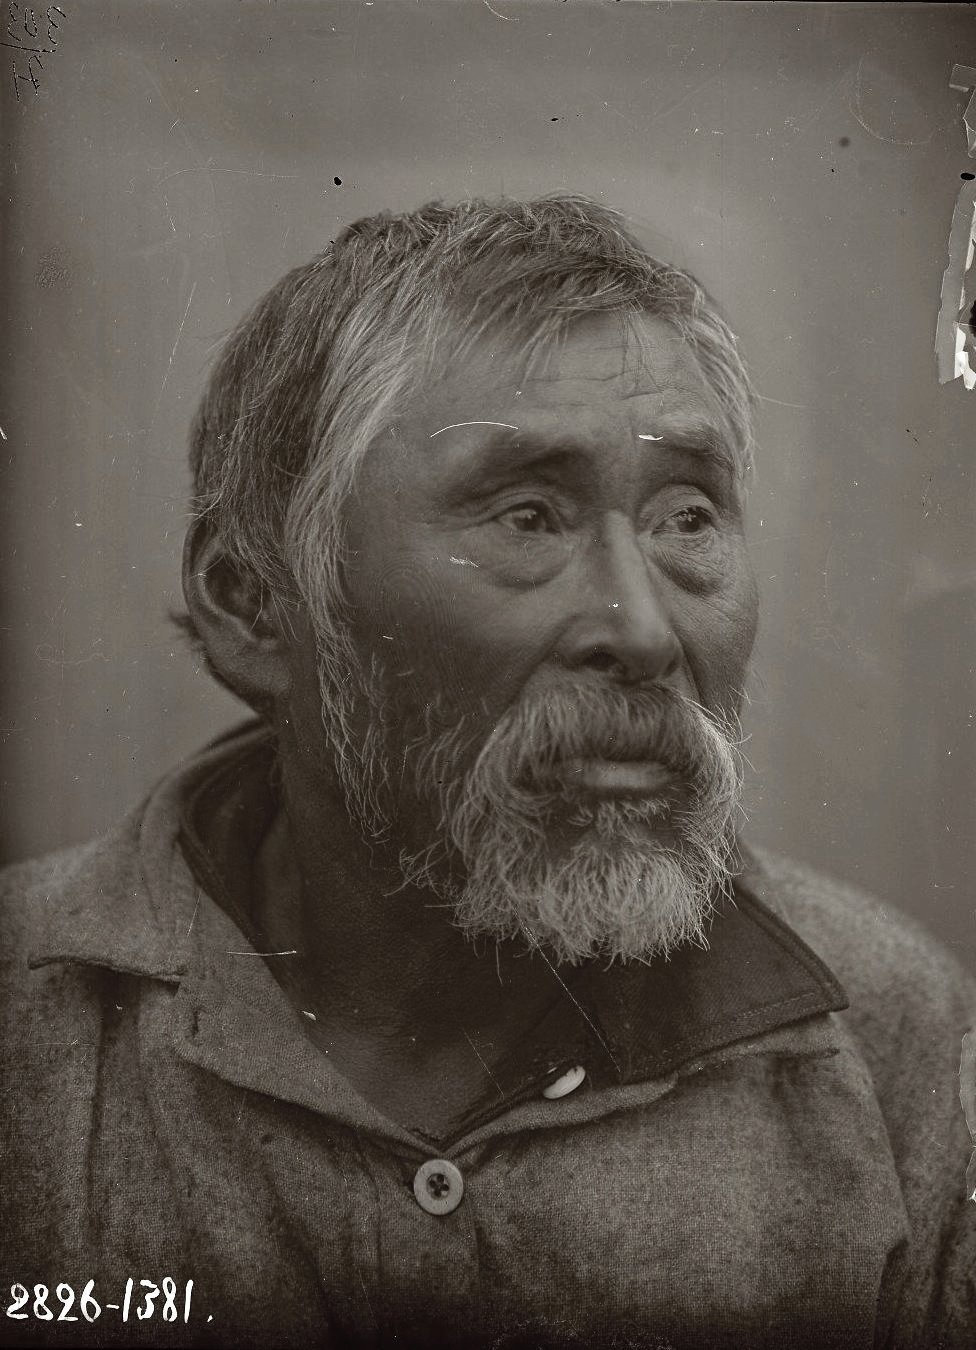 1909. Июнь - июль. Дионисий Худяков. Атту остров